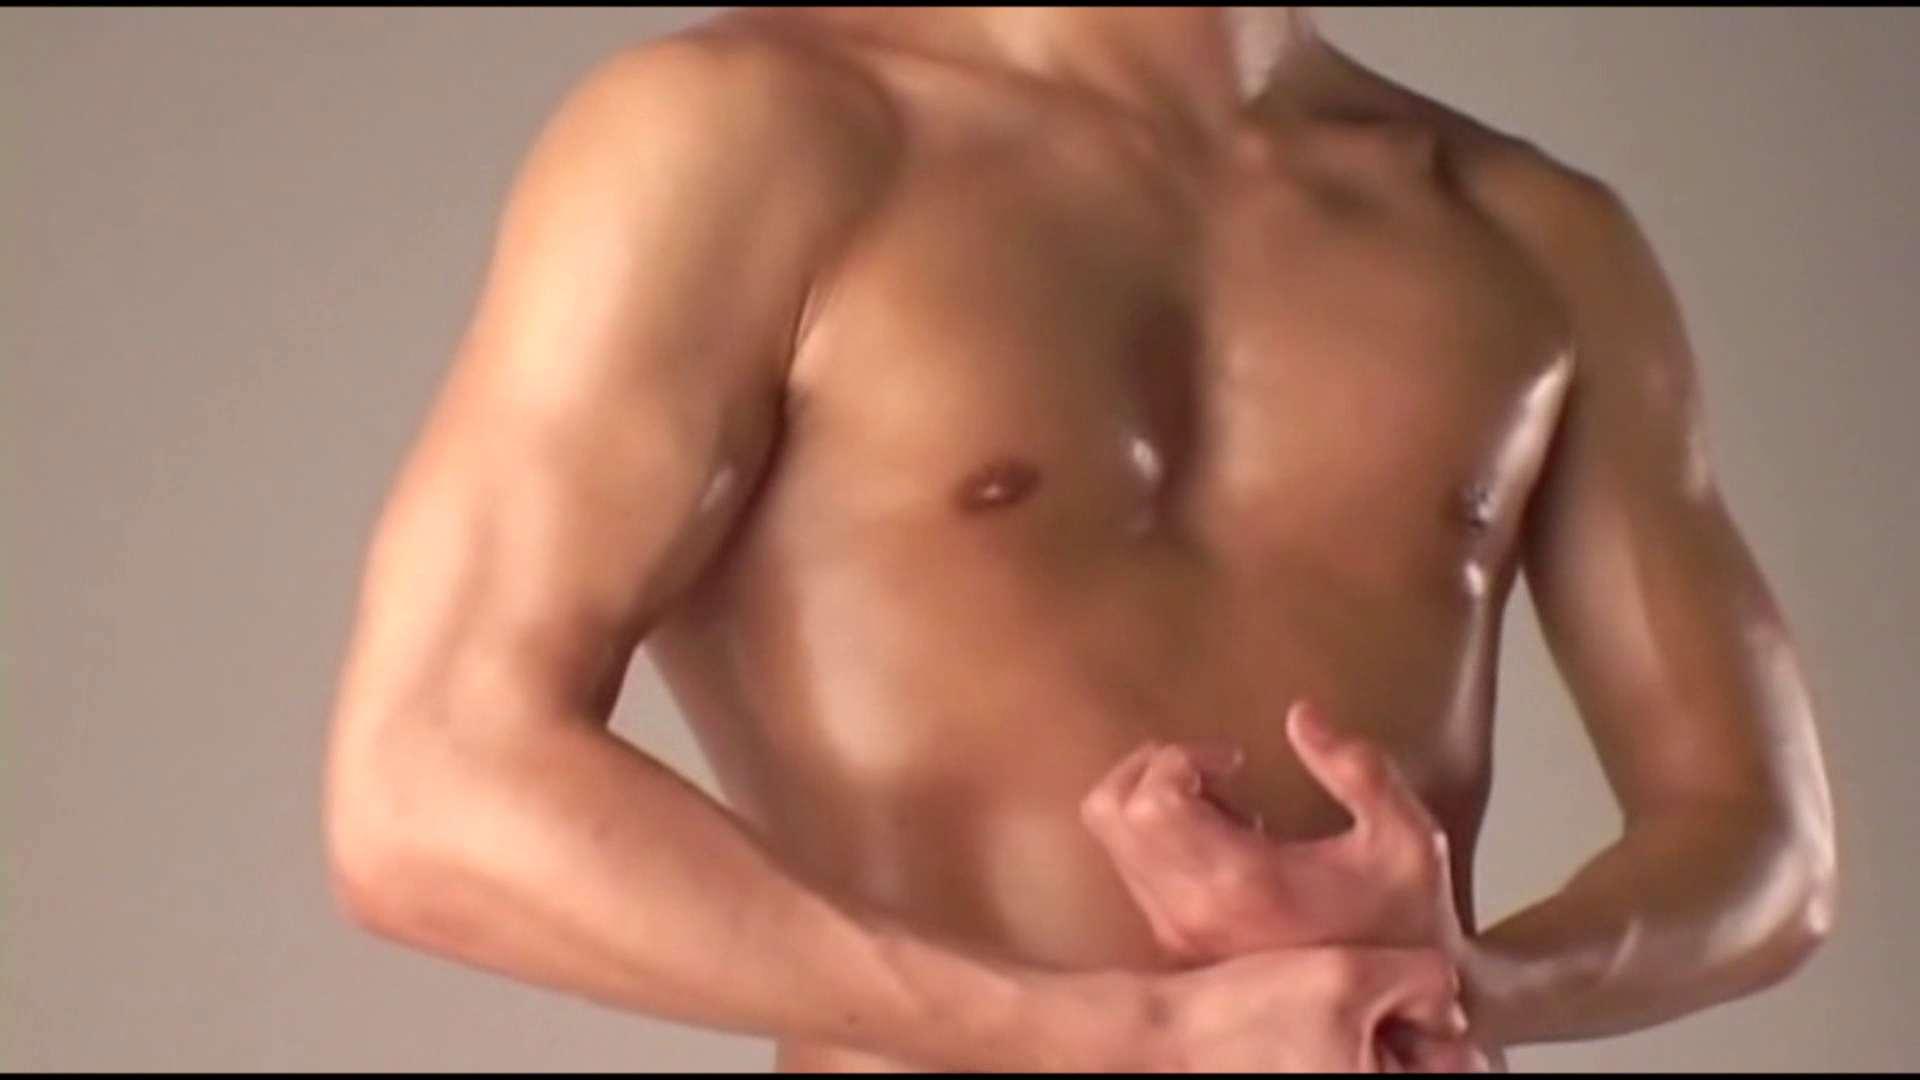 ショウ&ナオキのエロMAXファンタジーVOL.07(ナオキ&ショウ) エロエロ動画 ゲイ丸見え画像 90枚 79